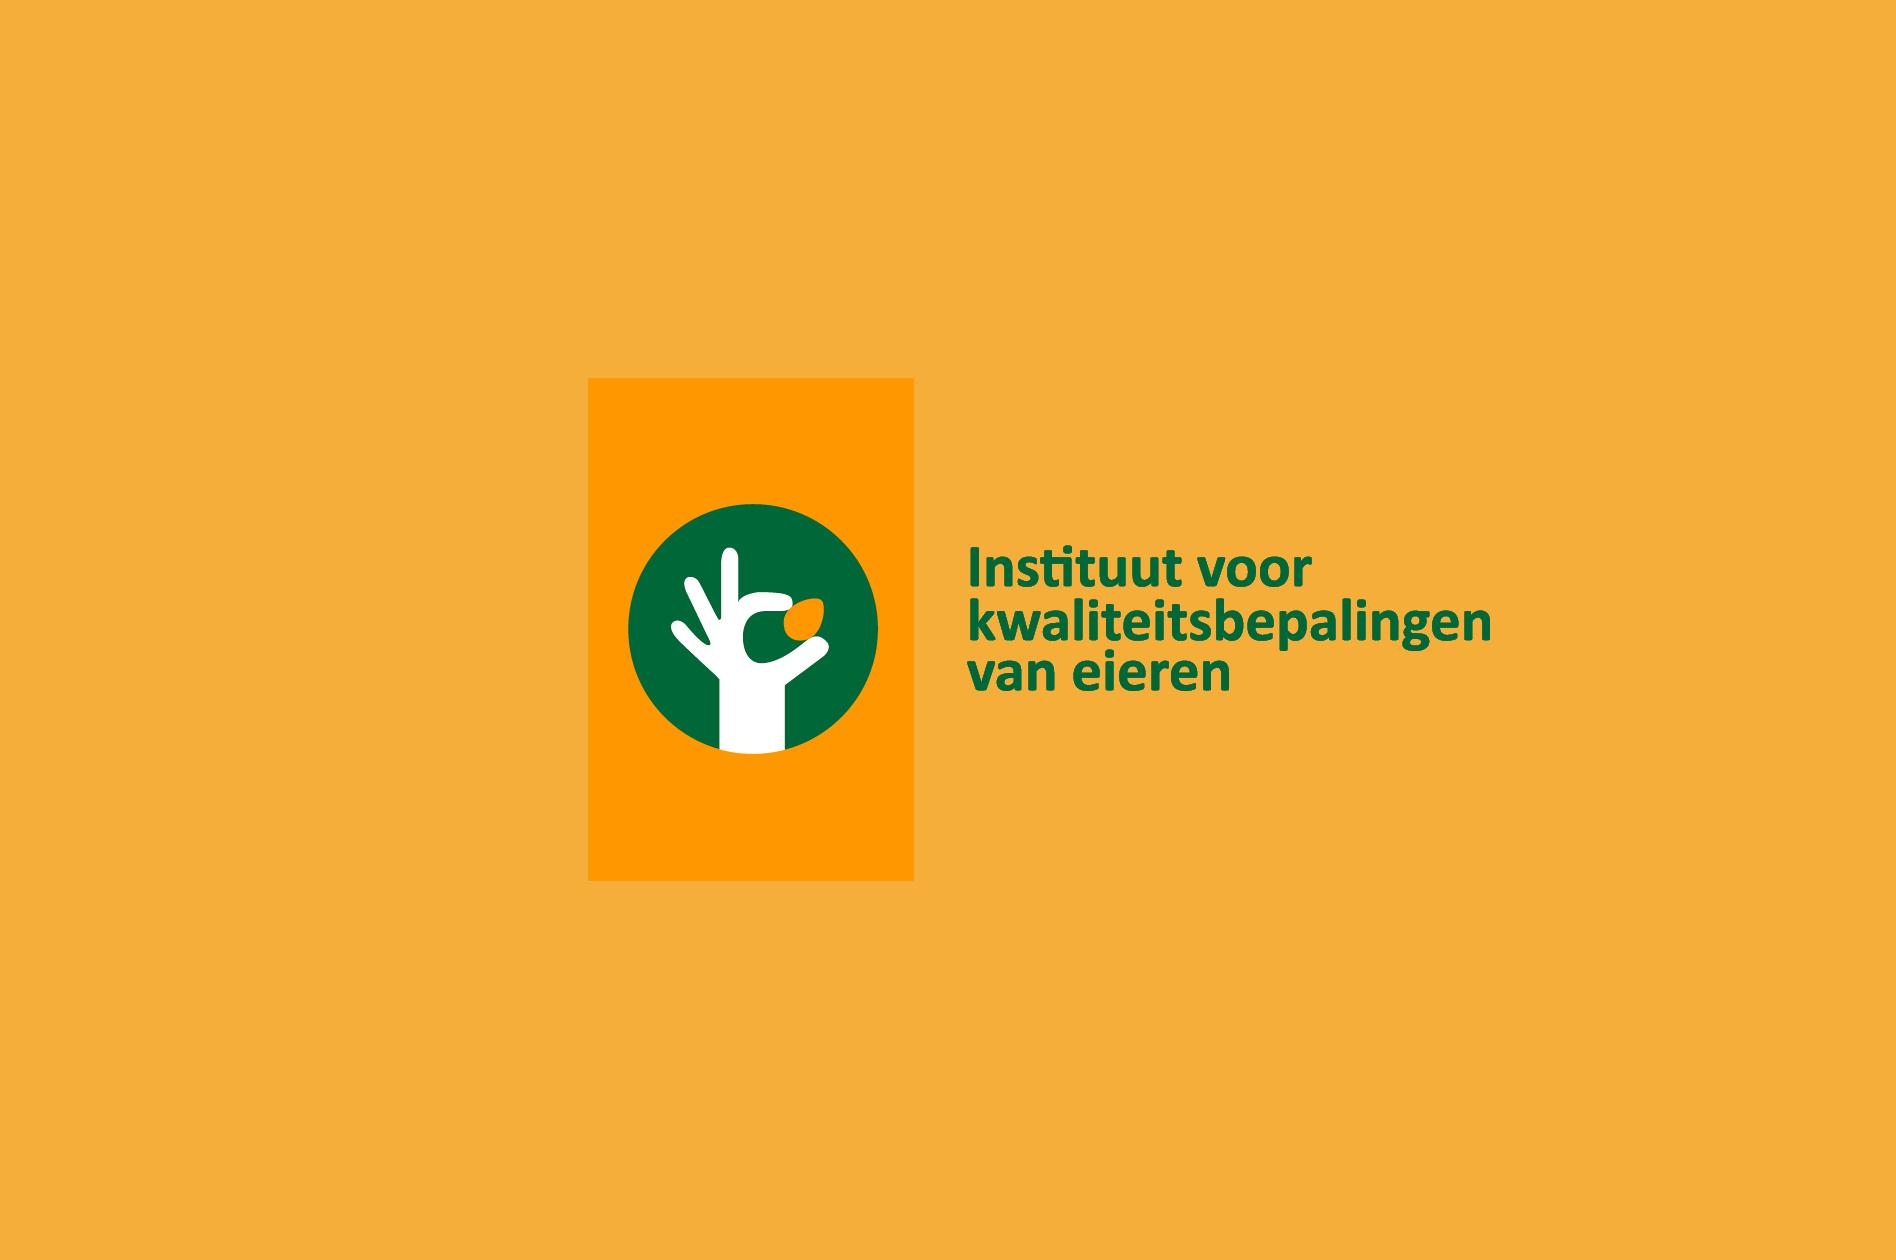 willem_verweijen_logo_1.png